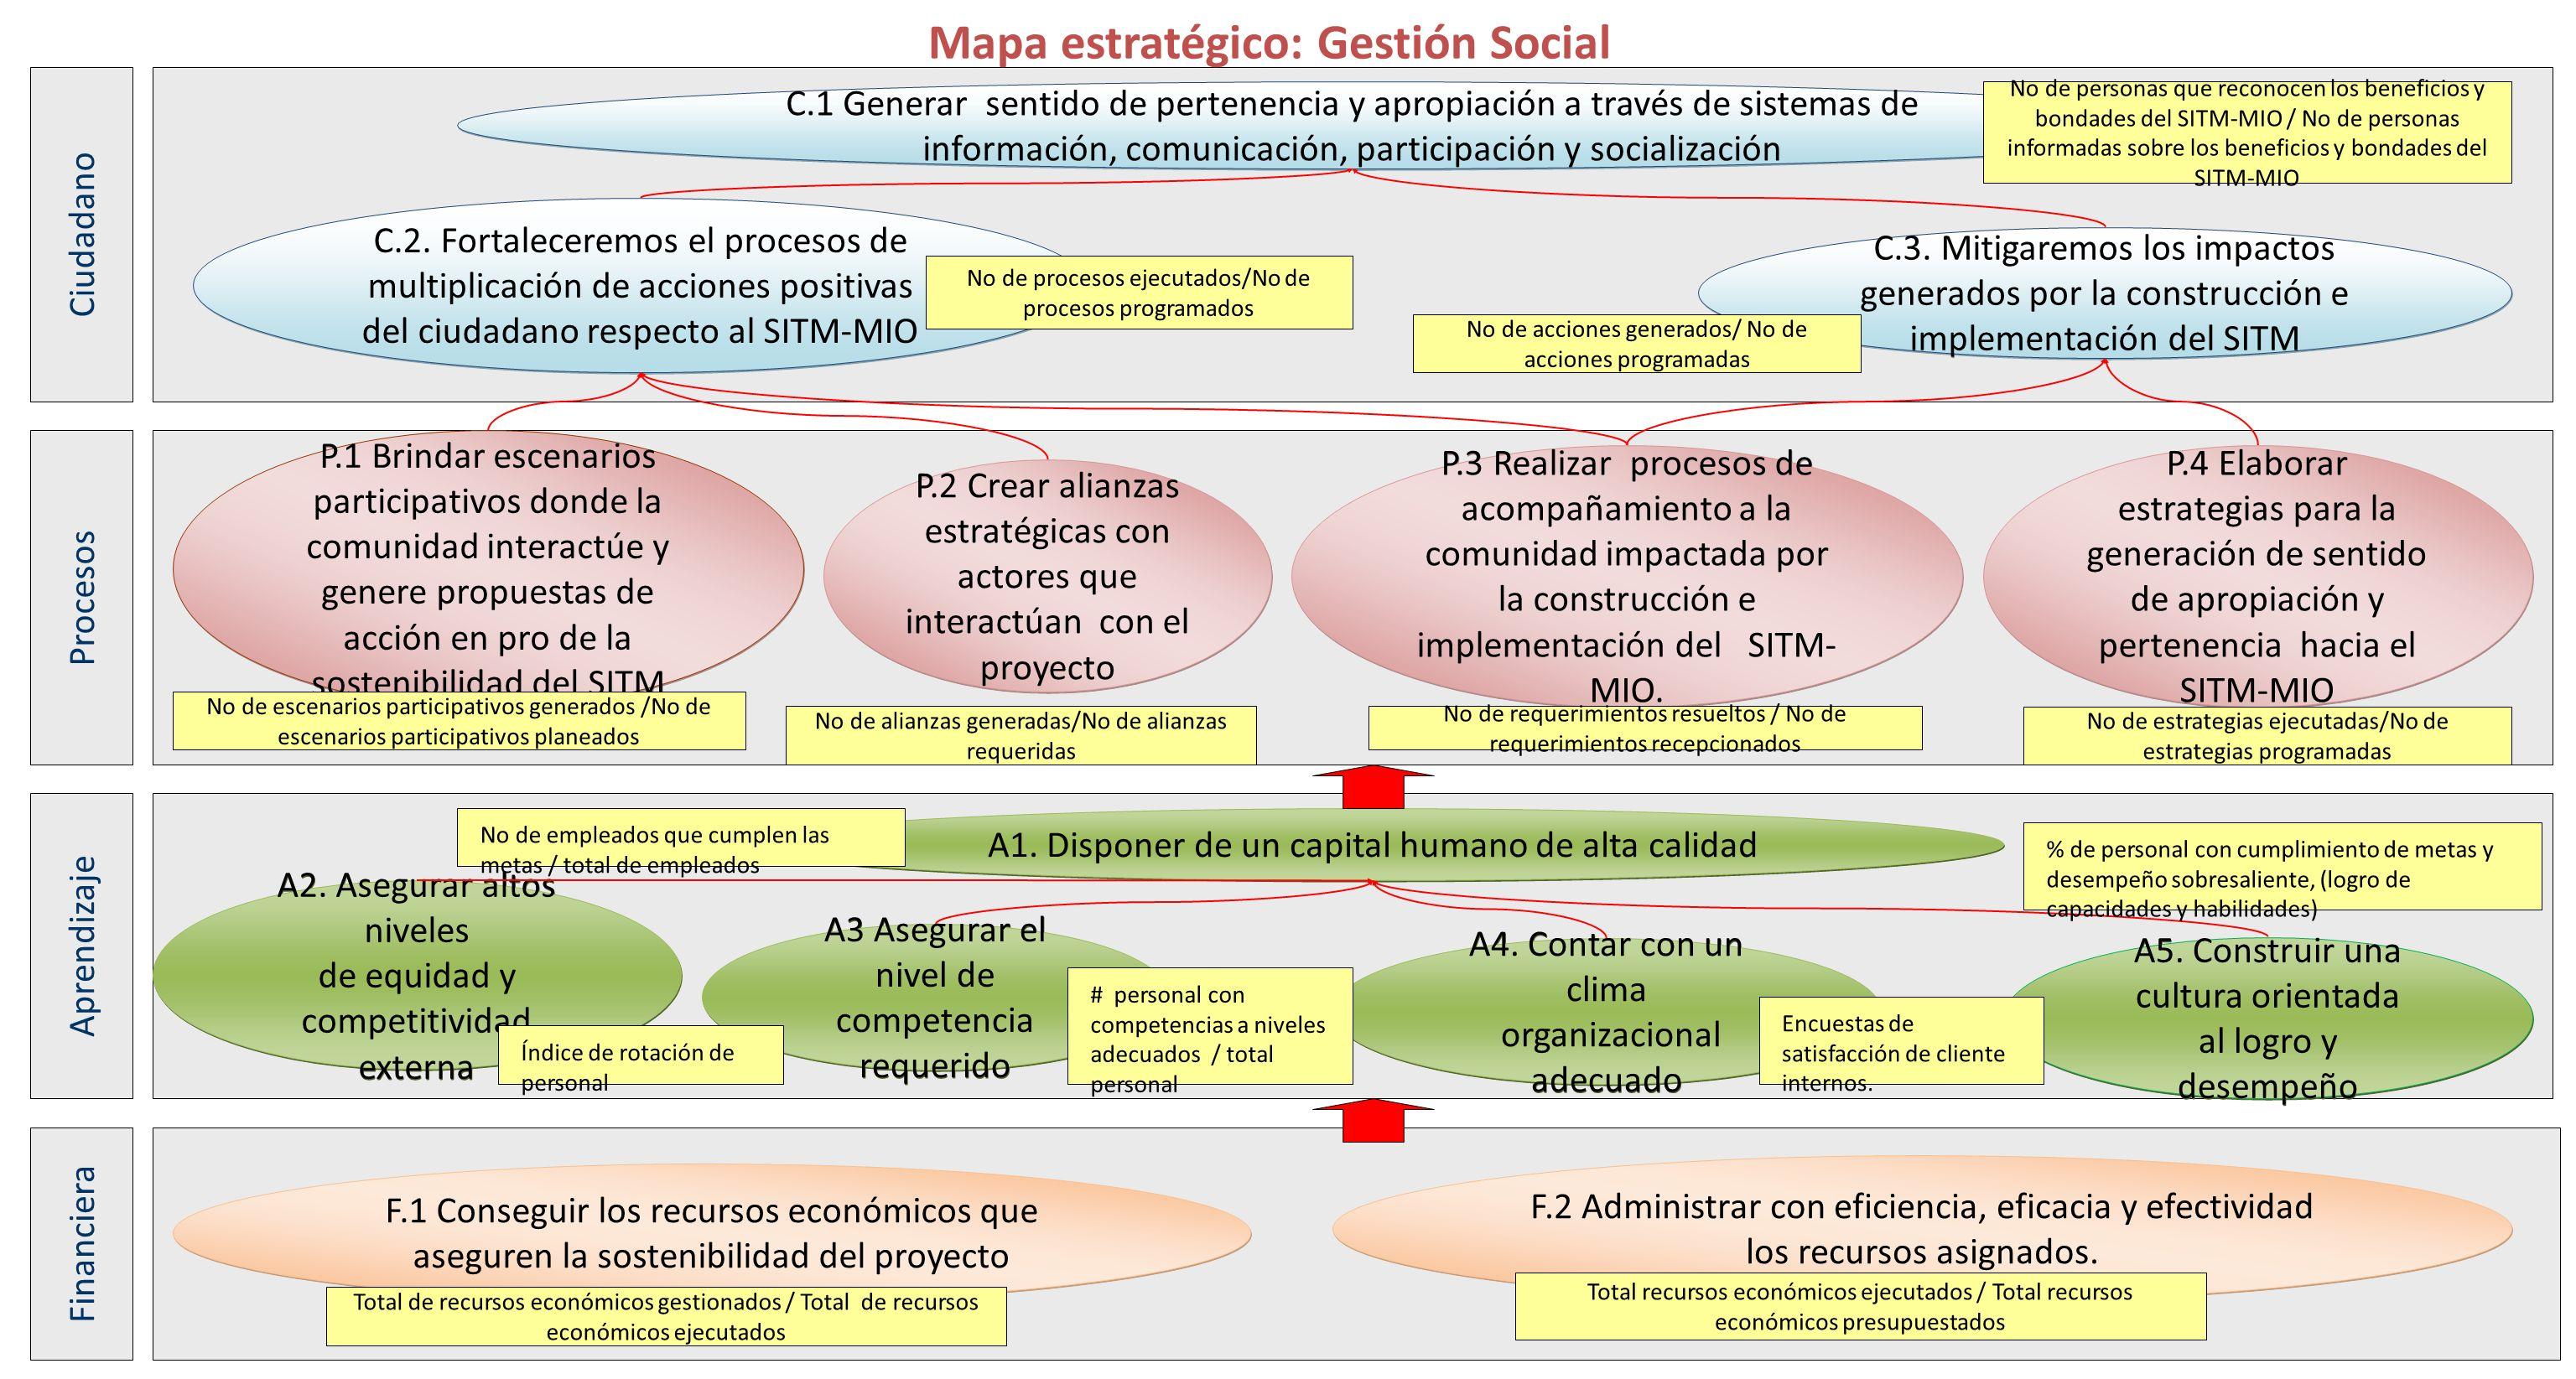 Mapa estratégico: Gestión Social P.1 Brindar escenarios participativos donde la comunidad interactúe y genere propuestas de acción en pro de la sosten